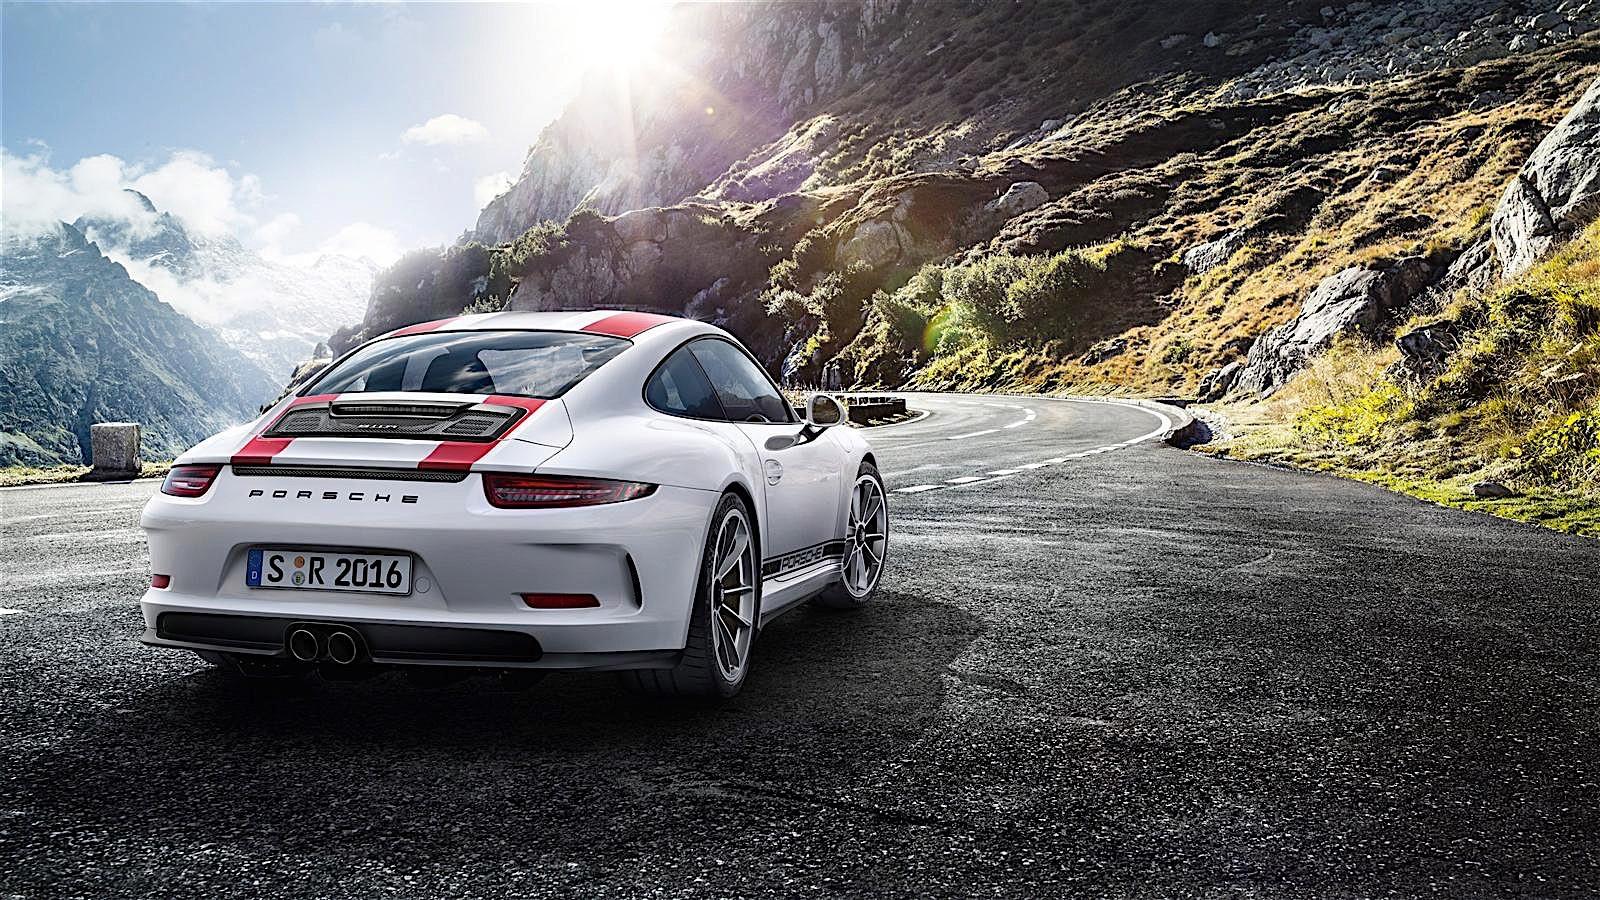 PORSCHE 911 R specs & photos - 2016, 2017, 2018, 2019, 2020, 2021 - autoevolution